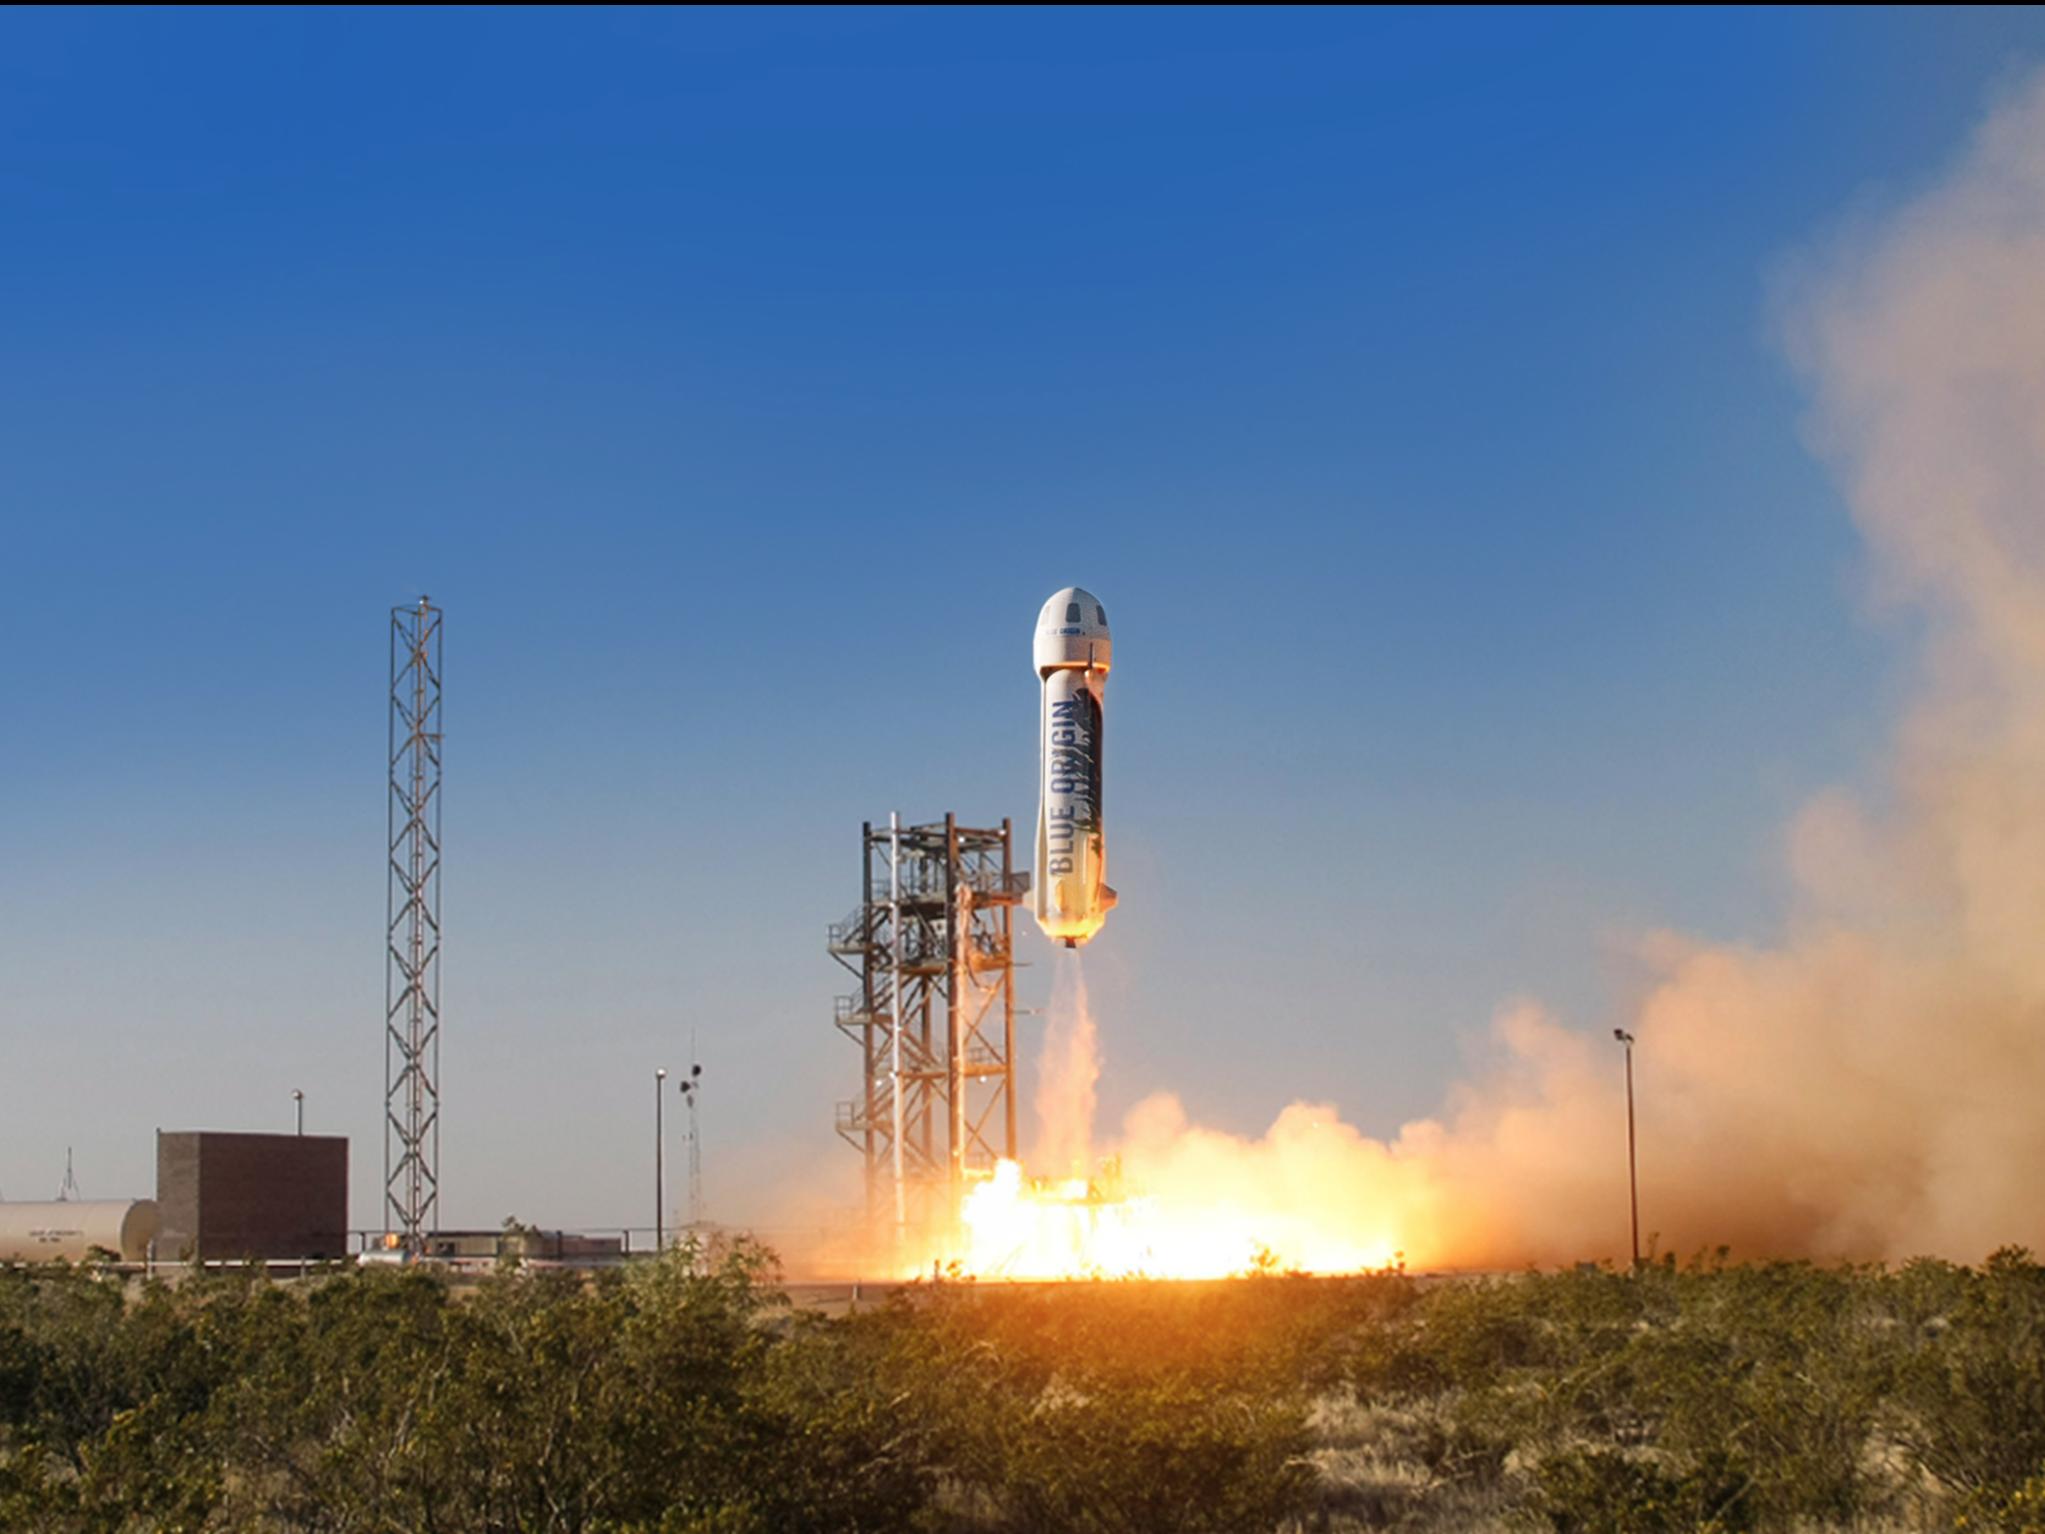 ВСША компания Blue Origin провела успешные тестирования космического корабля New Shepard